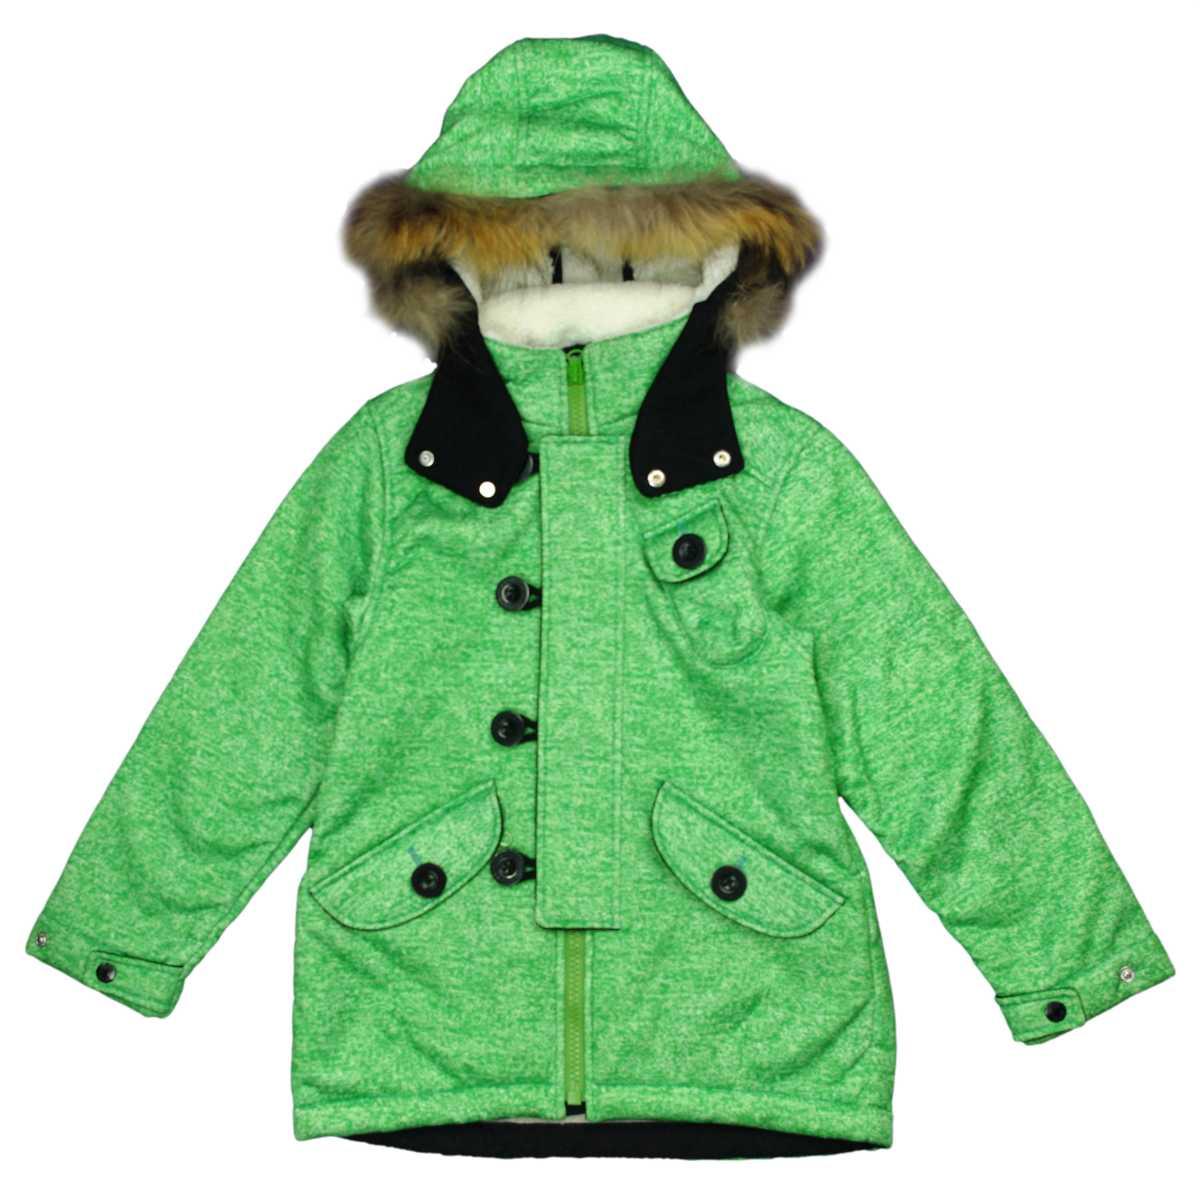 男女兼用 オンヨネ ボンディンフィールドジャケット型 裏ボア ラクーンファー付 防寒ジャケット サンプル品 (グリーン 130cm) ガールズ キッズ スキーウェア 全3色